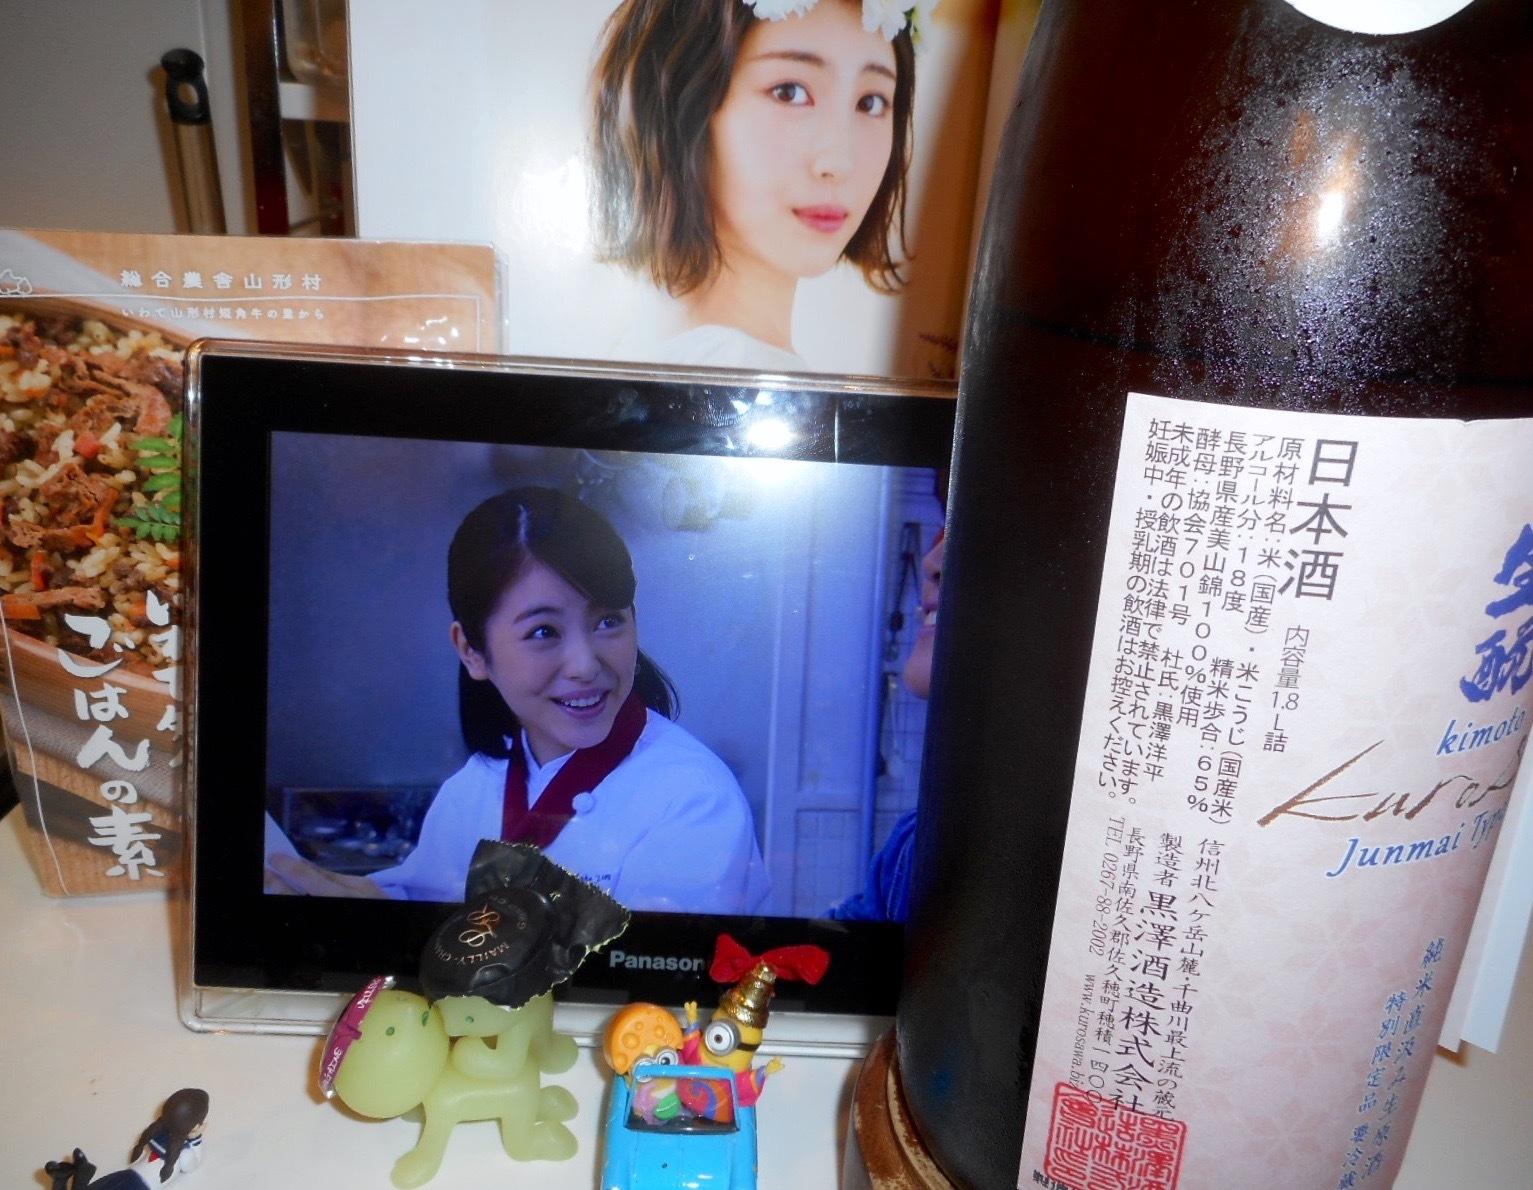 kurosawa_type7_29by3_2.jpg